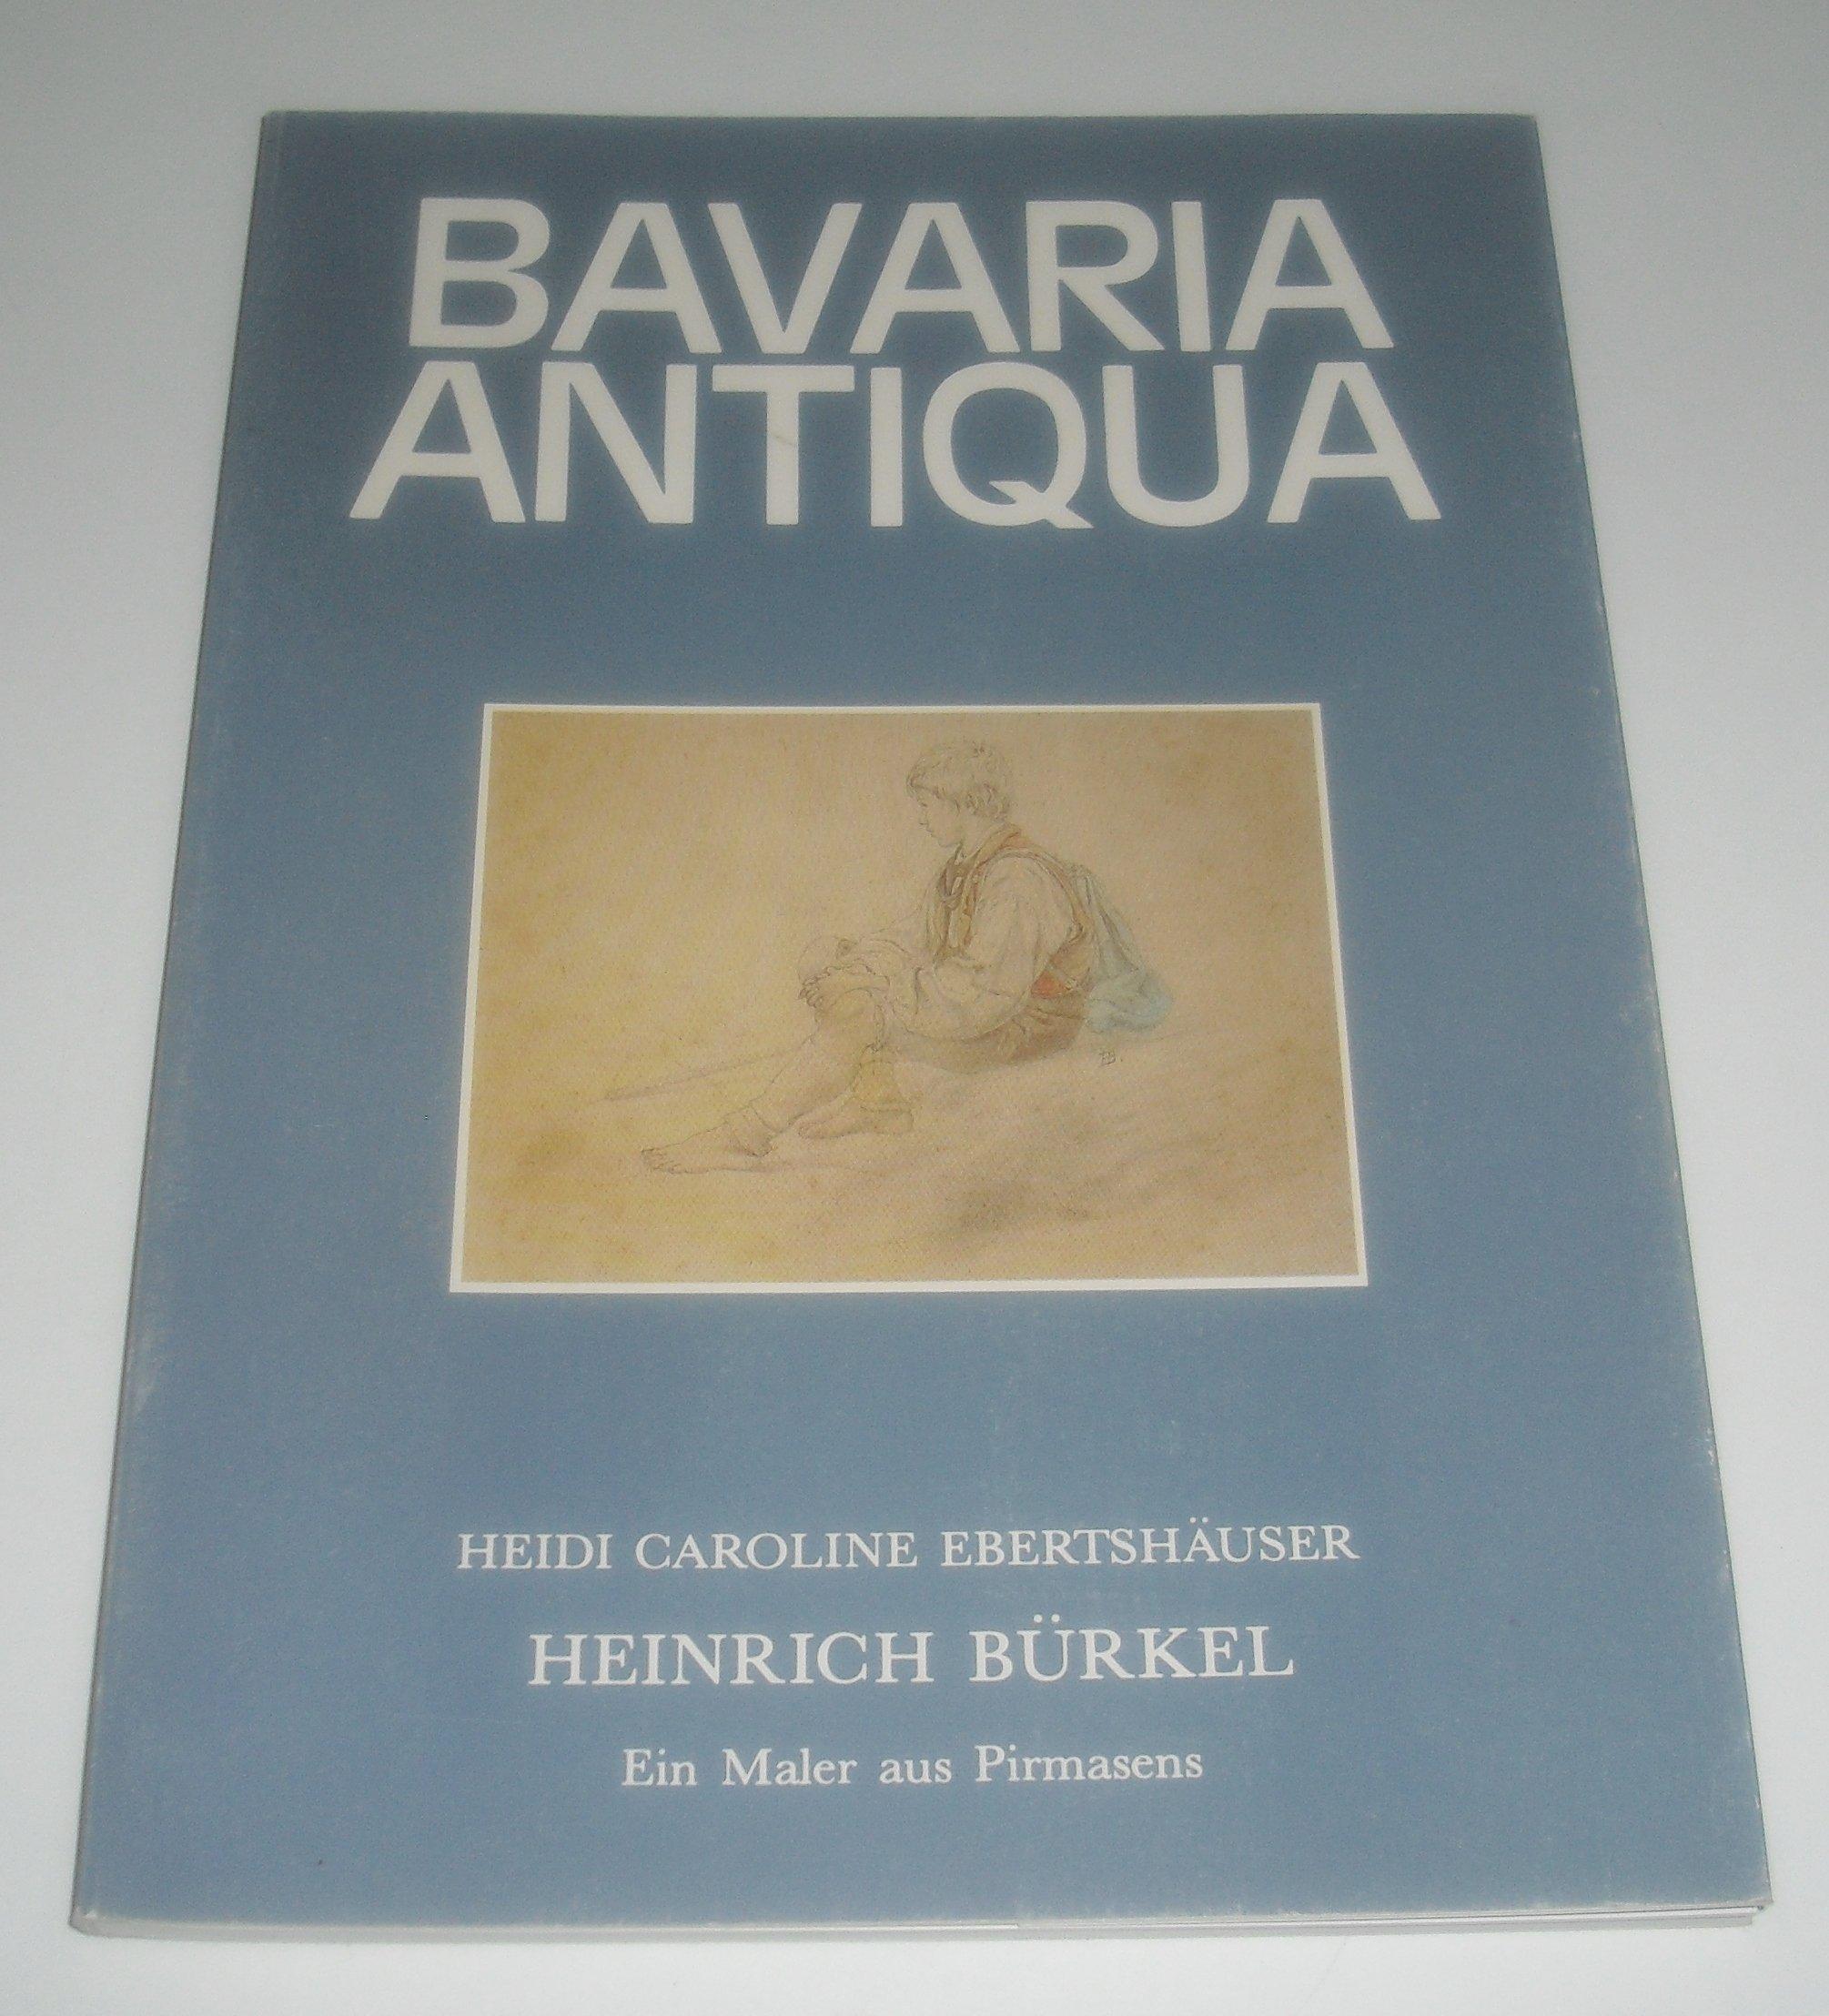 Maler Pirmasens bavaria antiqua heinrich bürkel ein maler aus pirmasens amazon